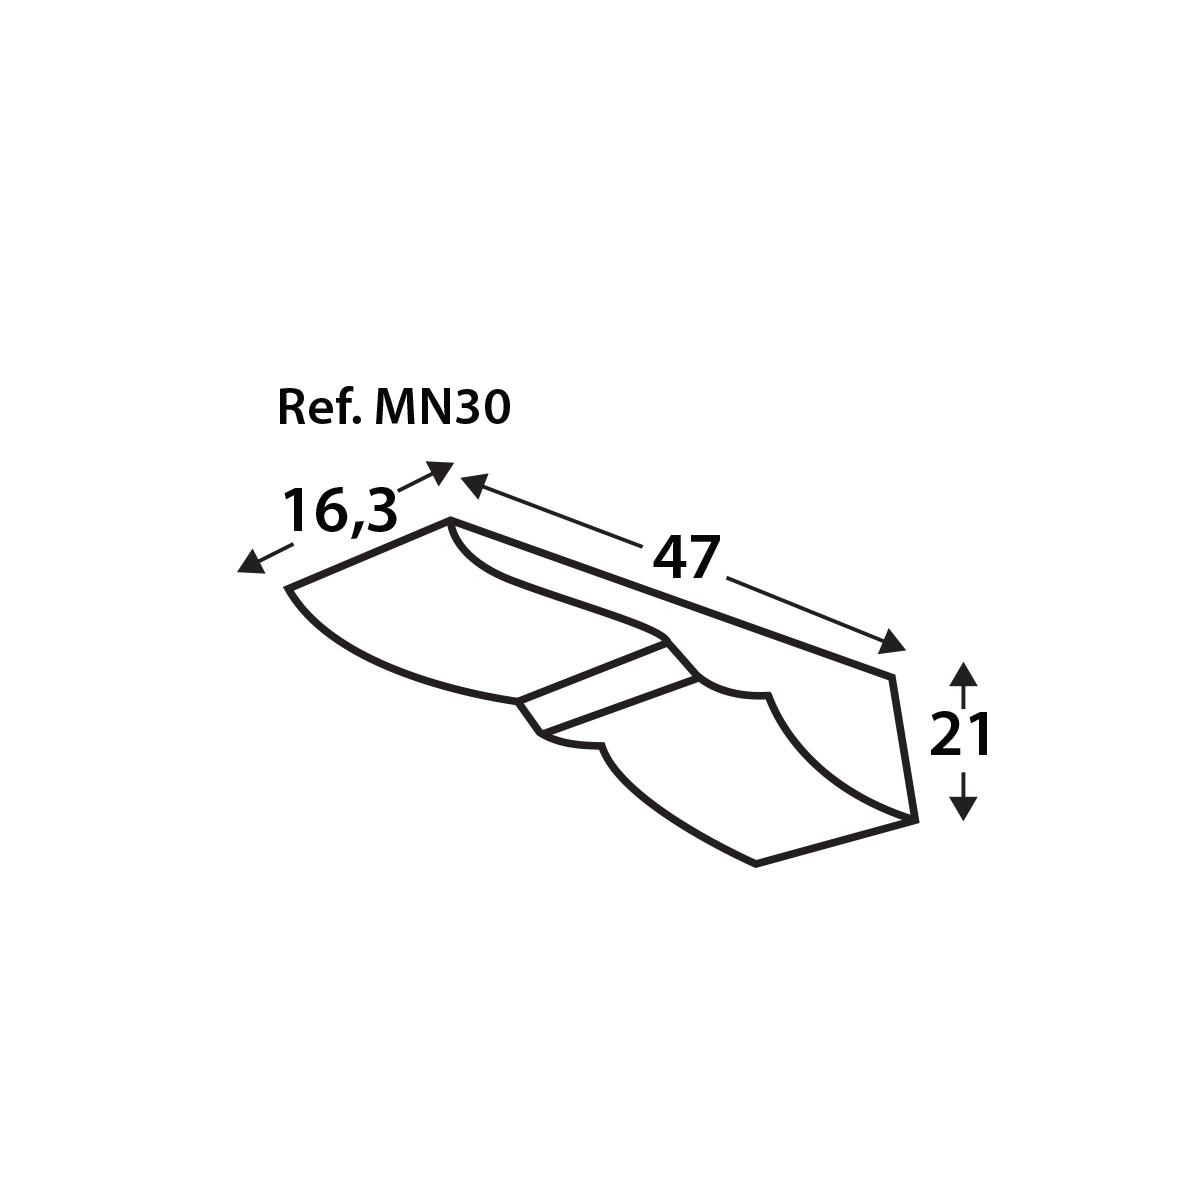 Ménsula MN30 - Ménsulas imitación madera de poliuretano - Marca Grupo Unamacor